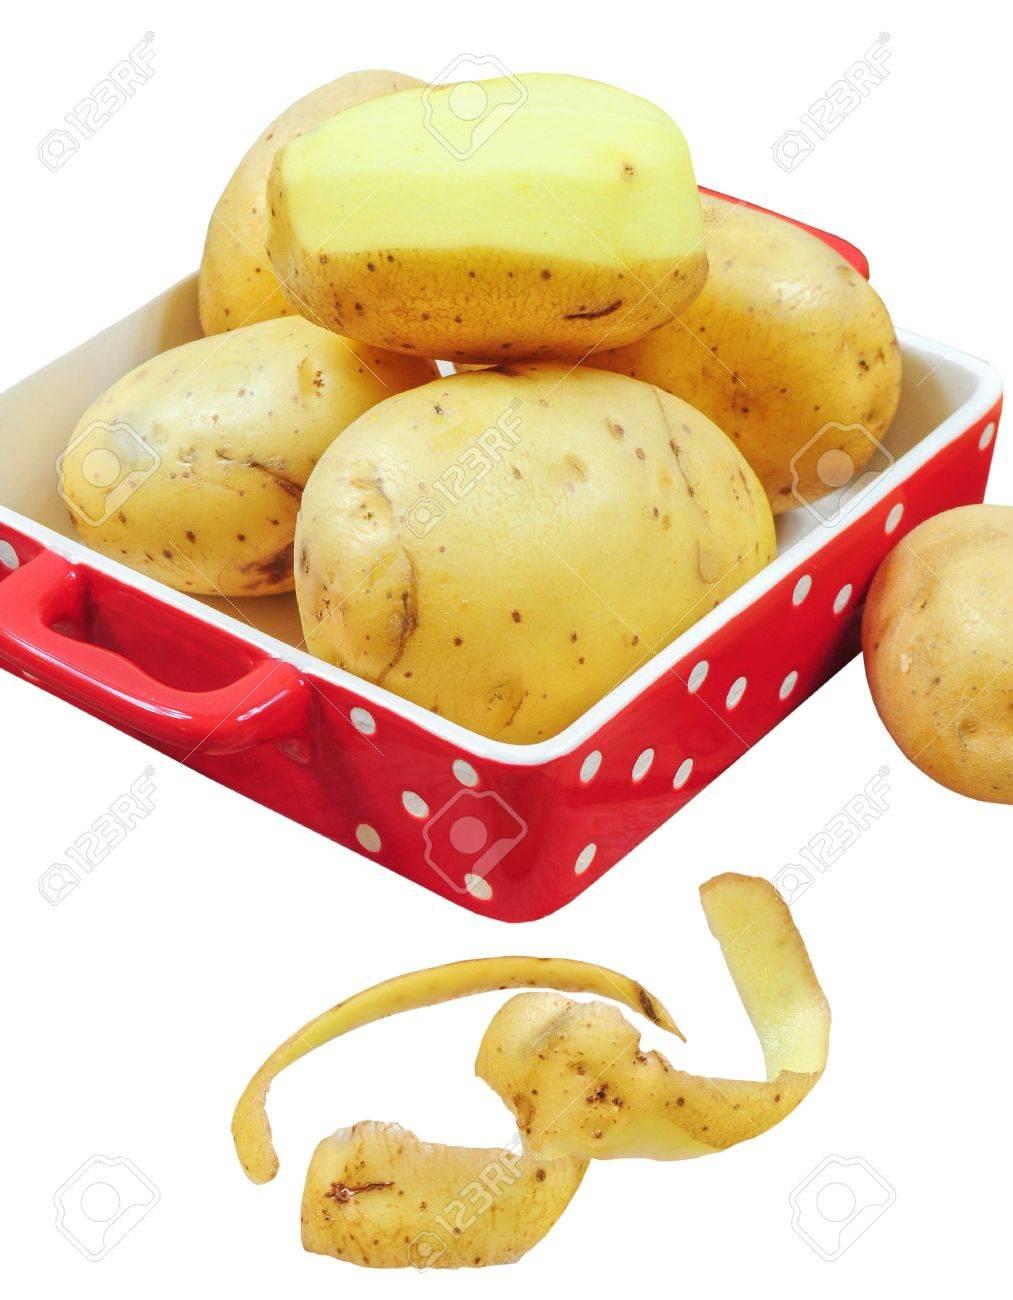 Rohe Kartoffeln In Roter Schale Und Kartoffelschalen Auf Weiß